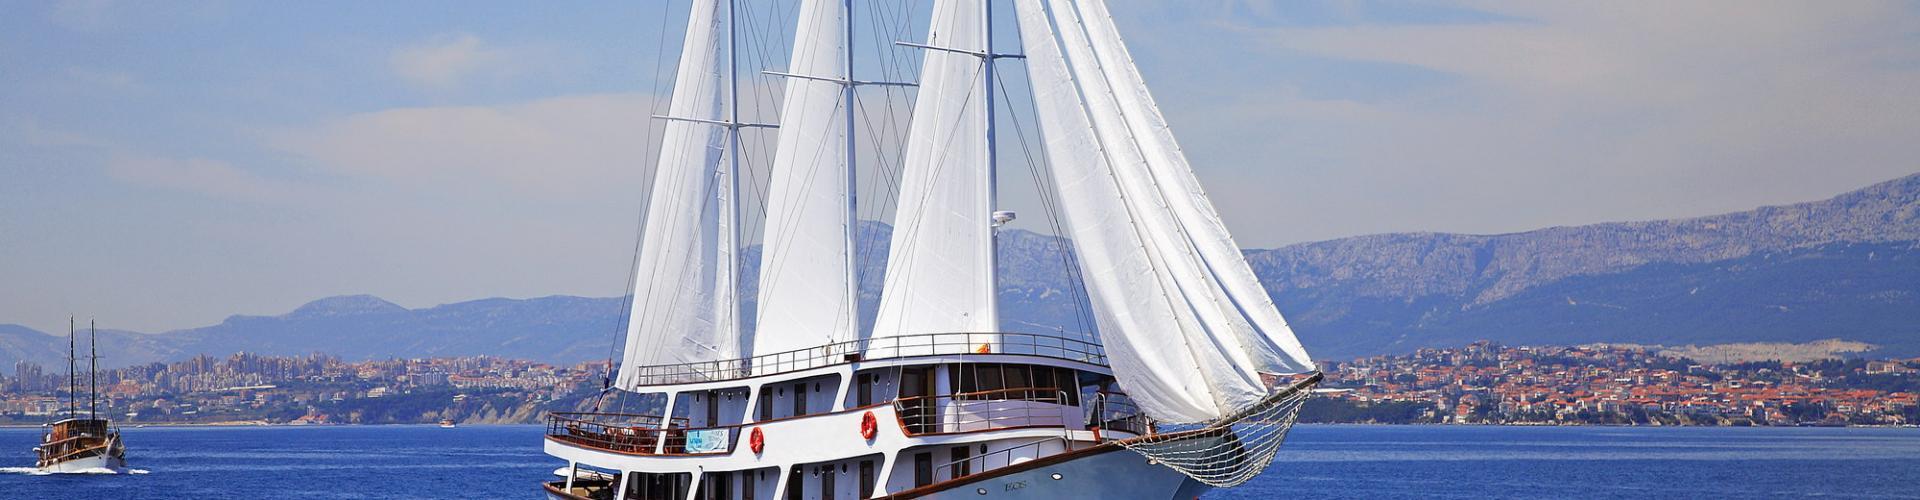 motor sailer Premium cruiser MV Eos